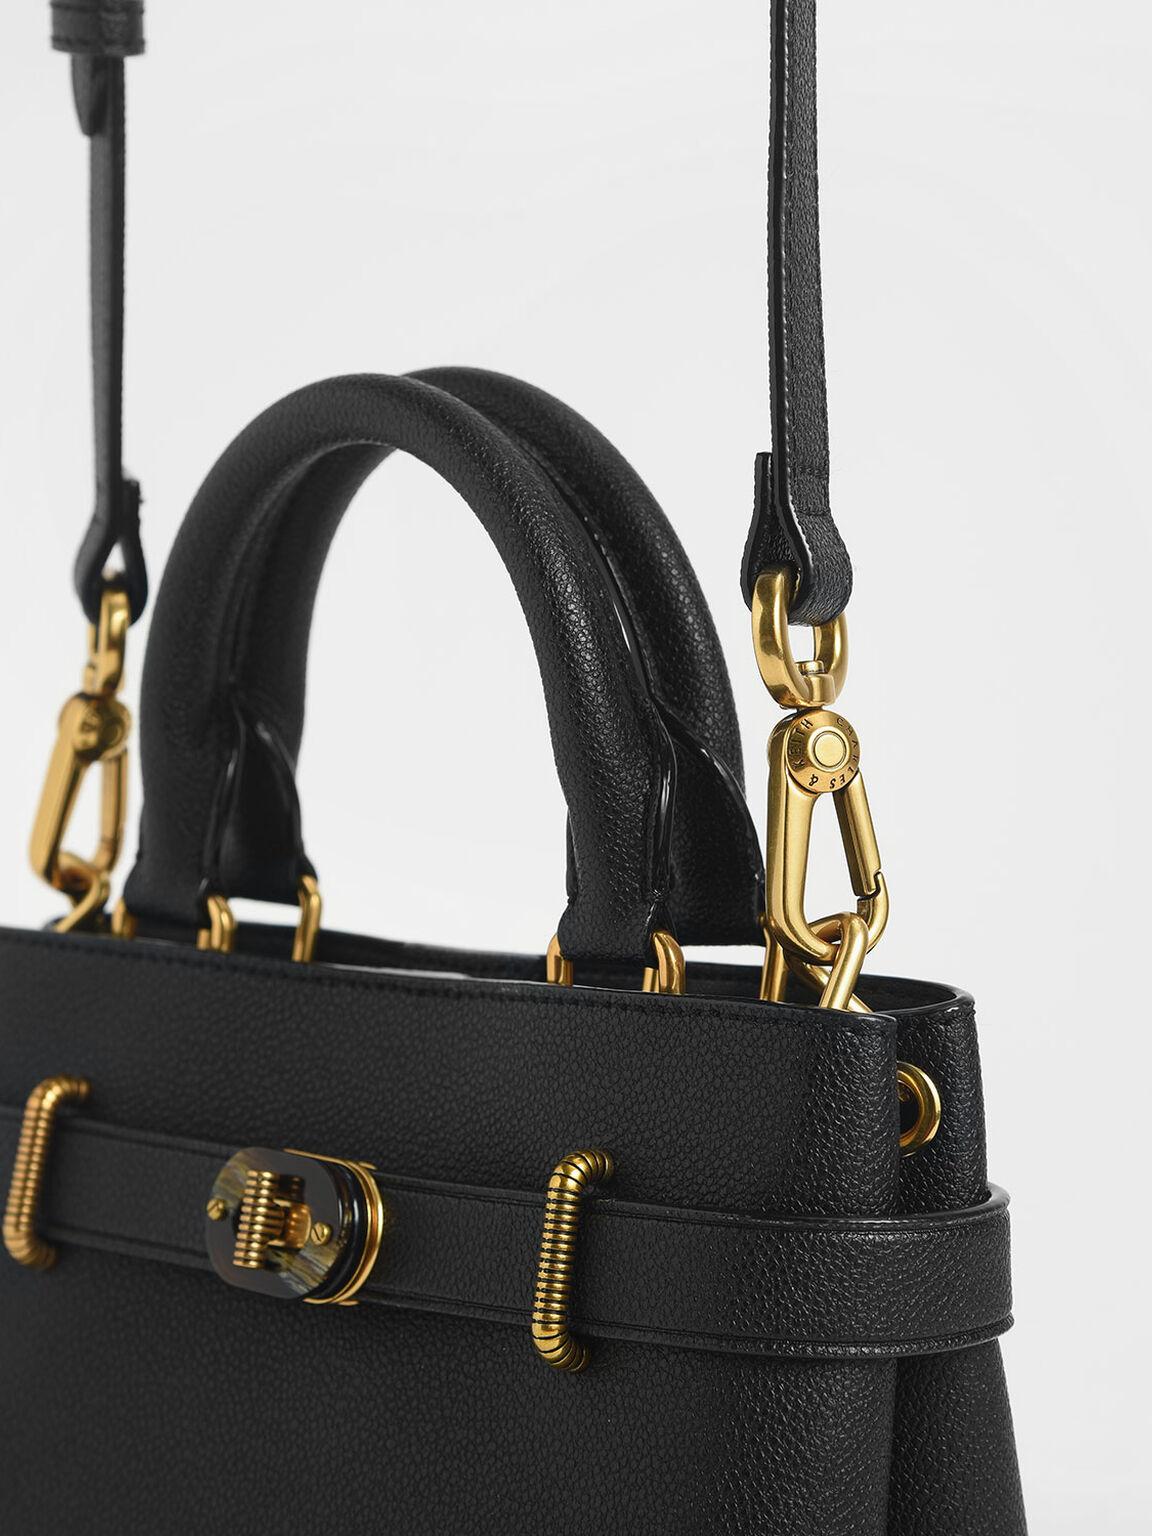 Turn-Lock Tote Bag, Black, hi-res